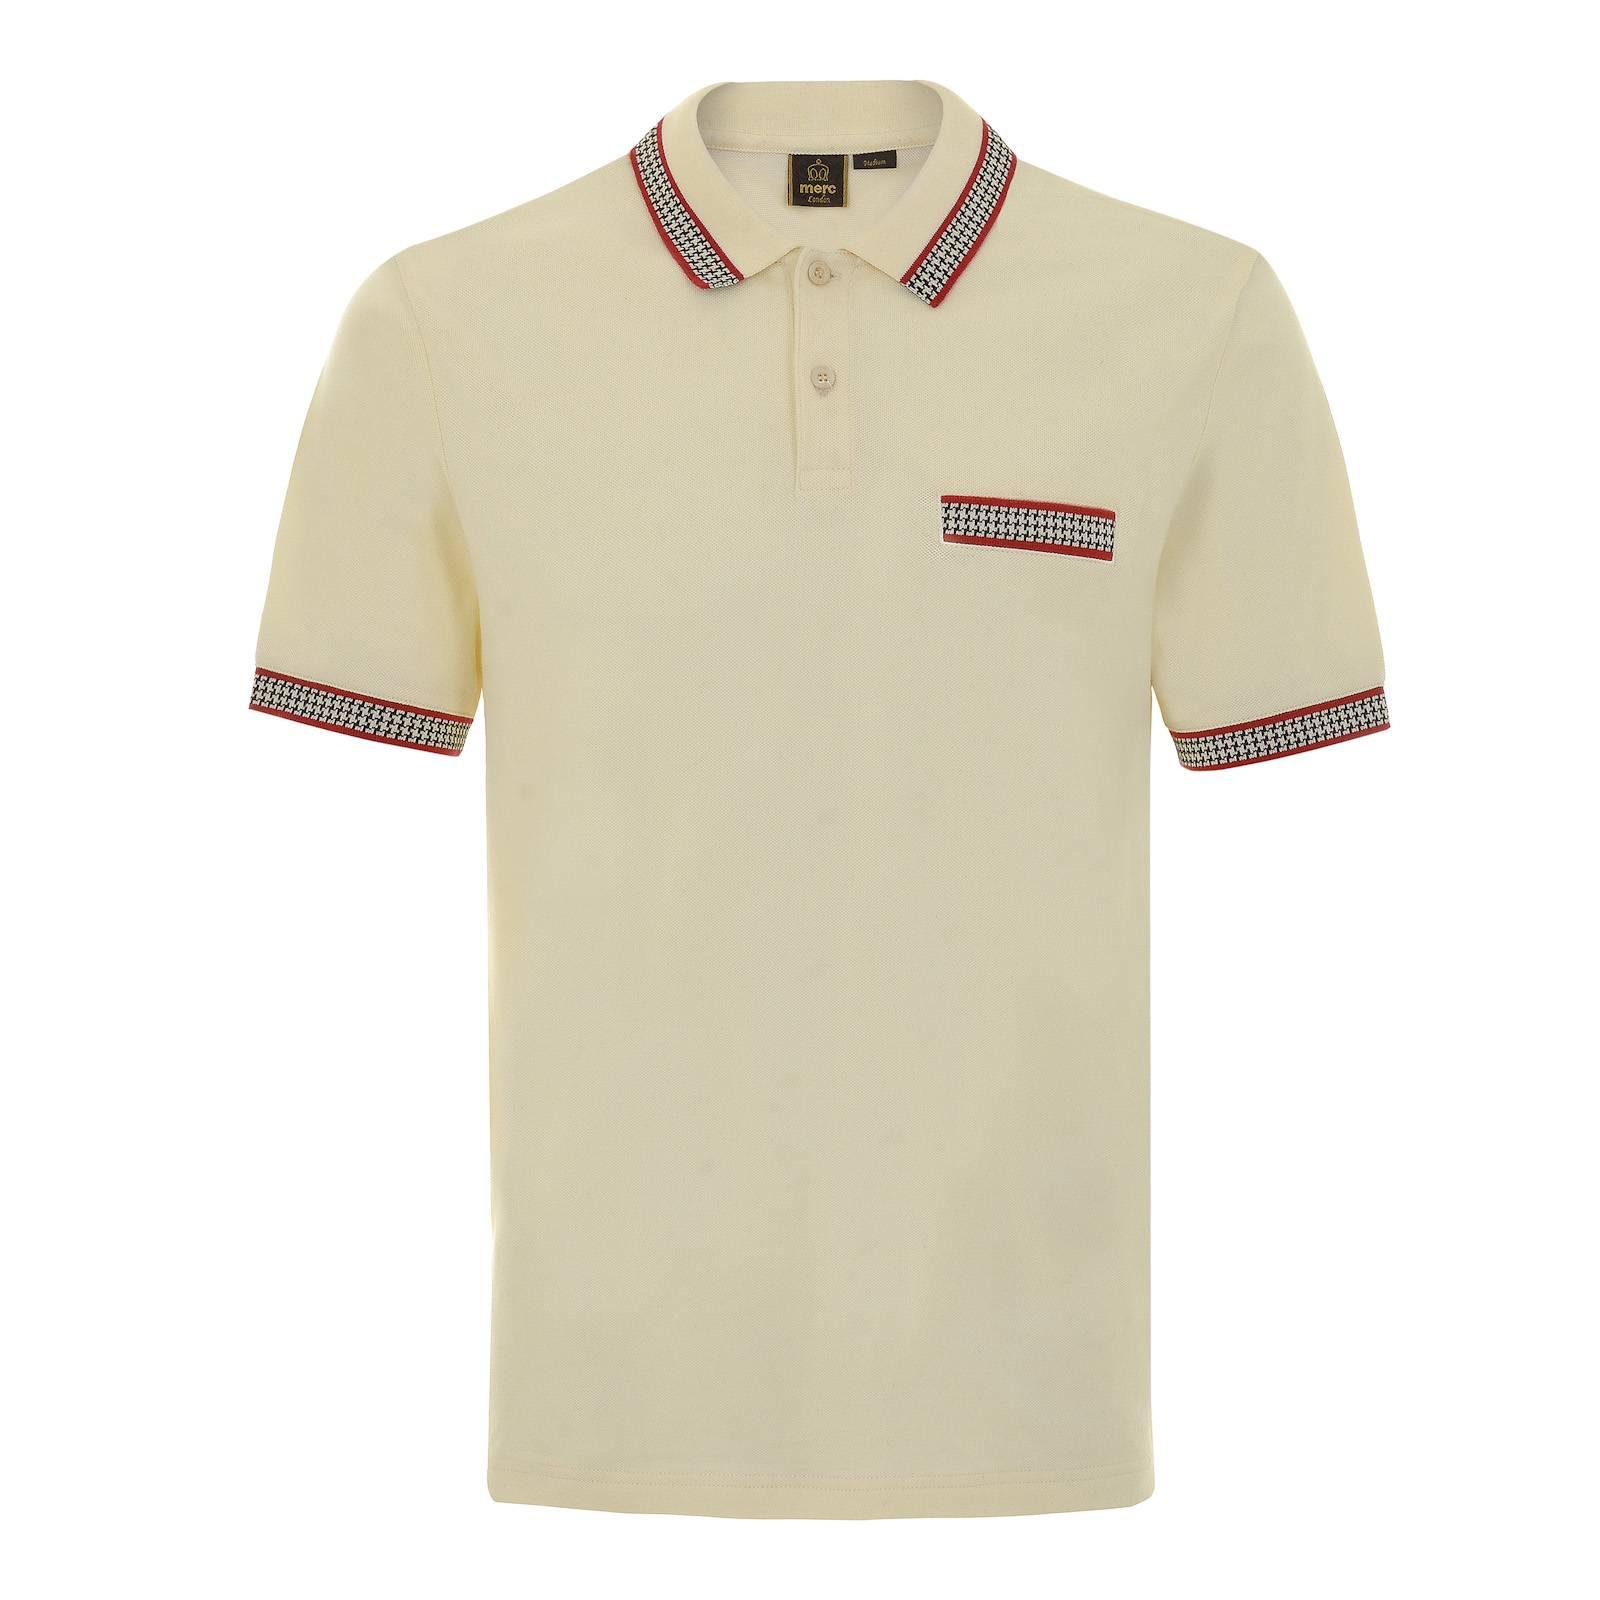 Рубашка Поло VenturaПоло<br><br><br>Артикул: 1915103<br>Материал: 100% хлопок<br>Цвет: винтажный белый<br>Пол: Мужской